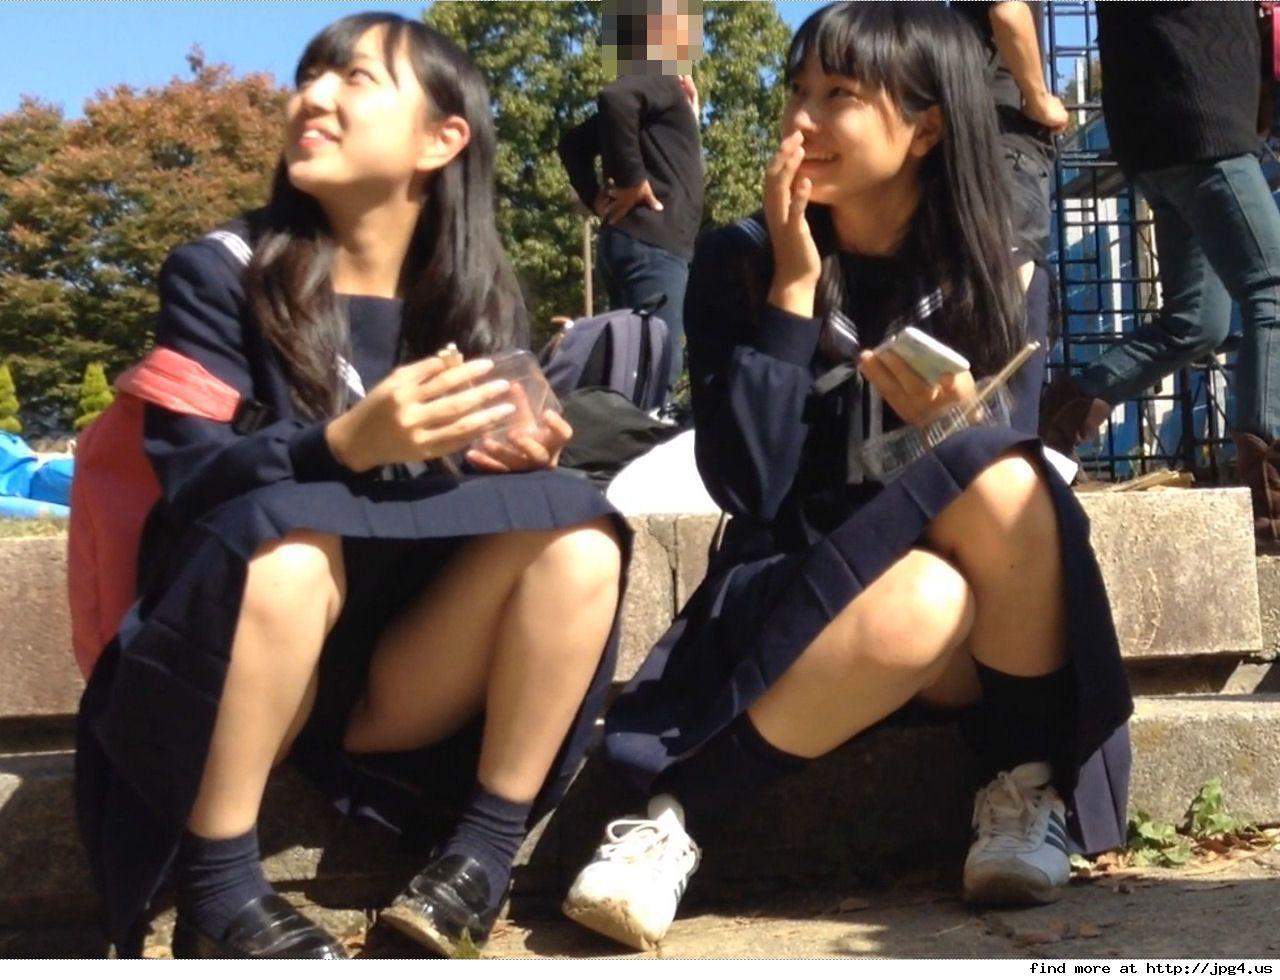 こんなJK達と手を繋いで通学する青春を送りたかった陰キャの妄想街撮り画像wwwwwwww AvdJUeH